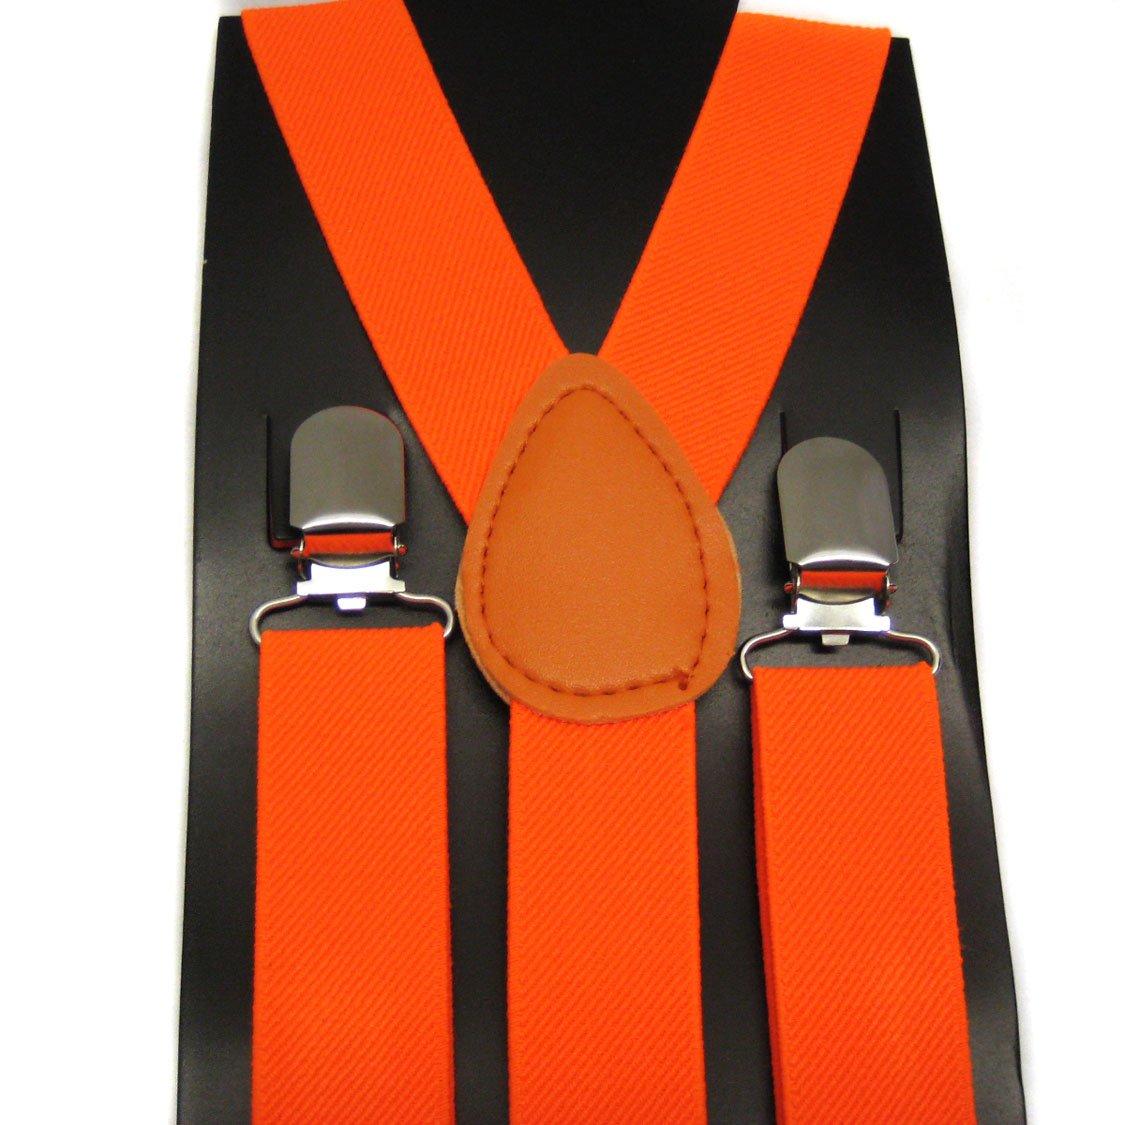 Punk Braces Suspender Unisex Plain Orange